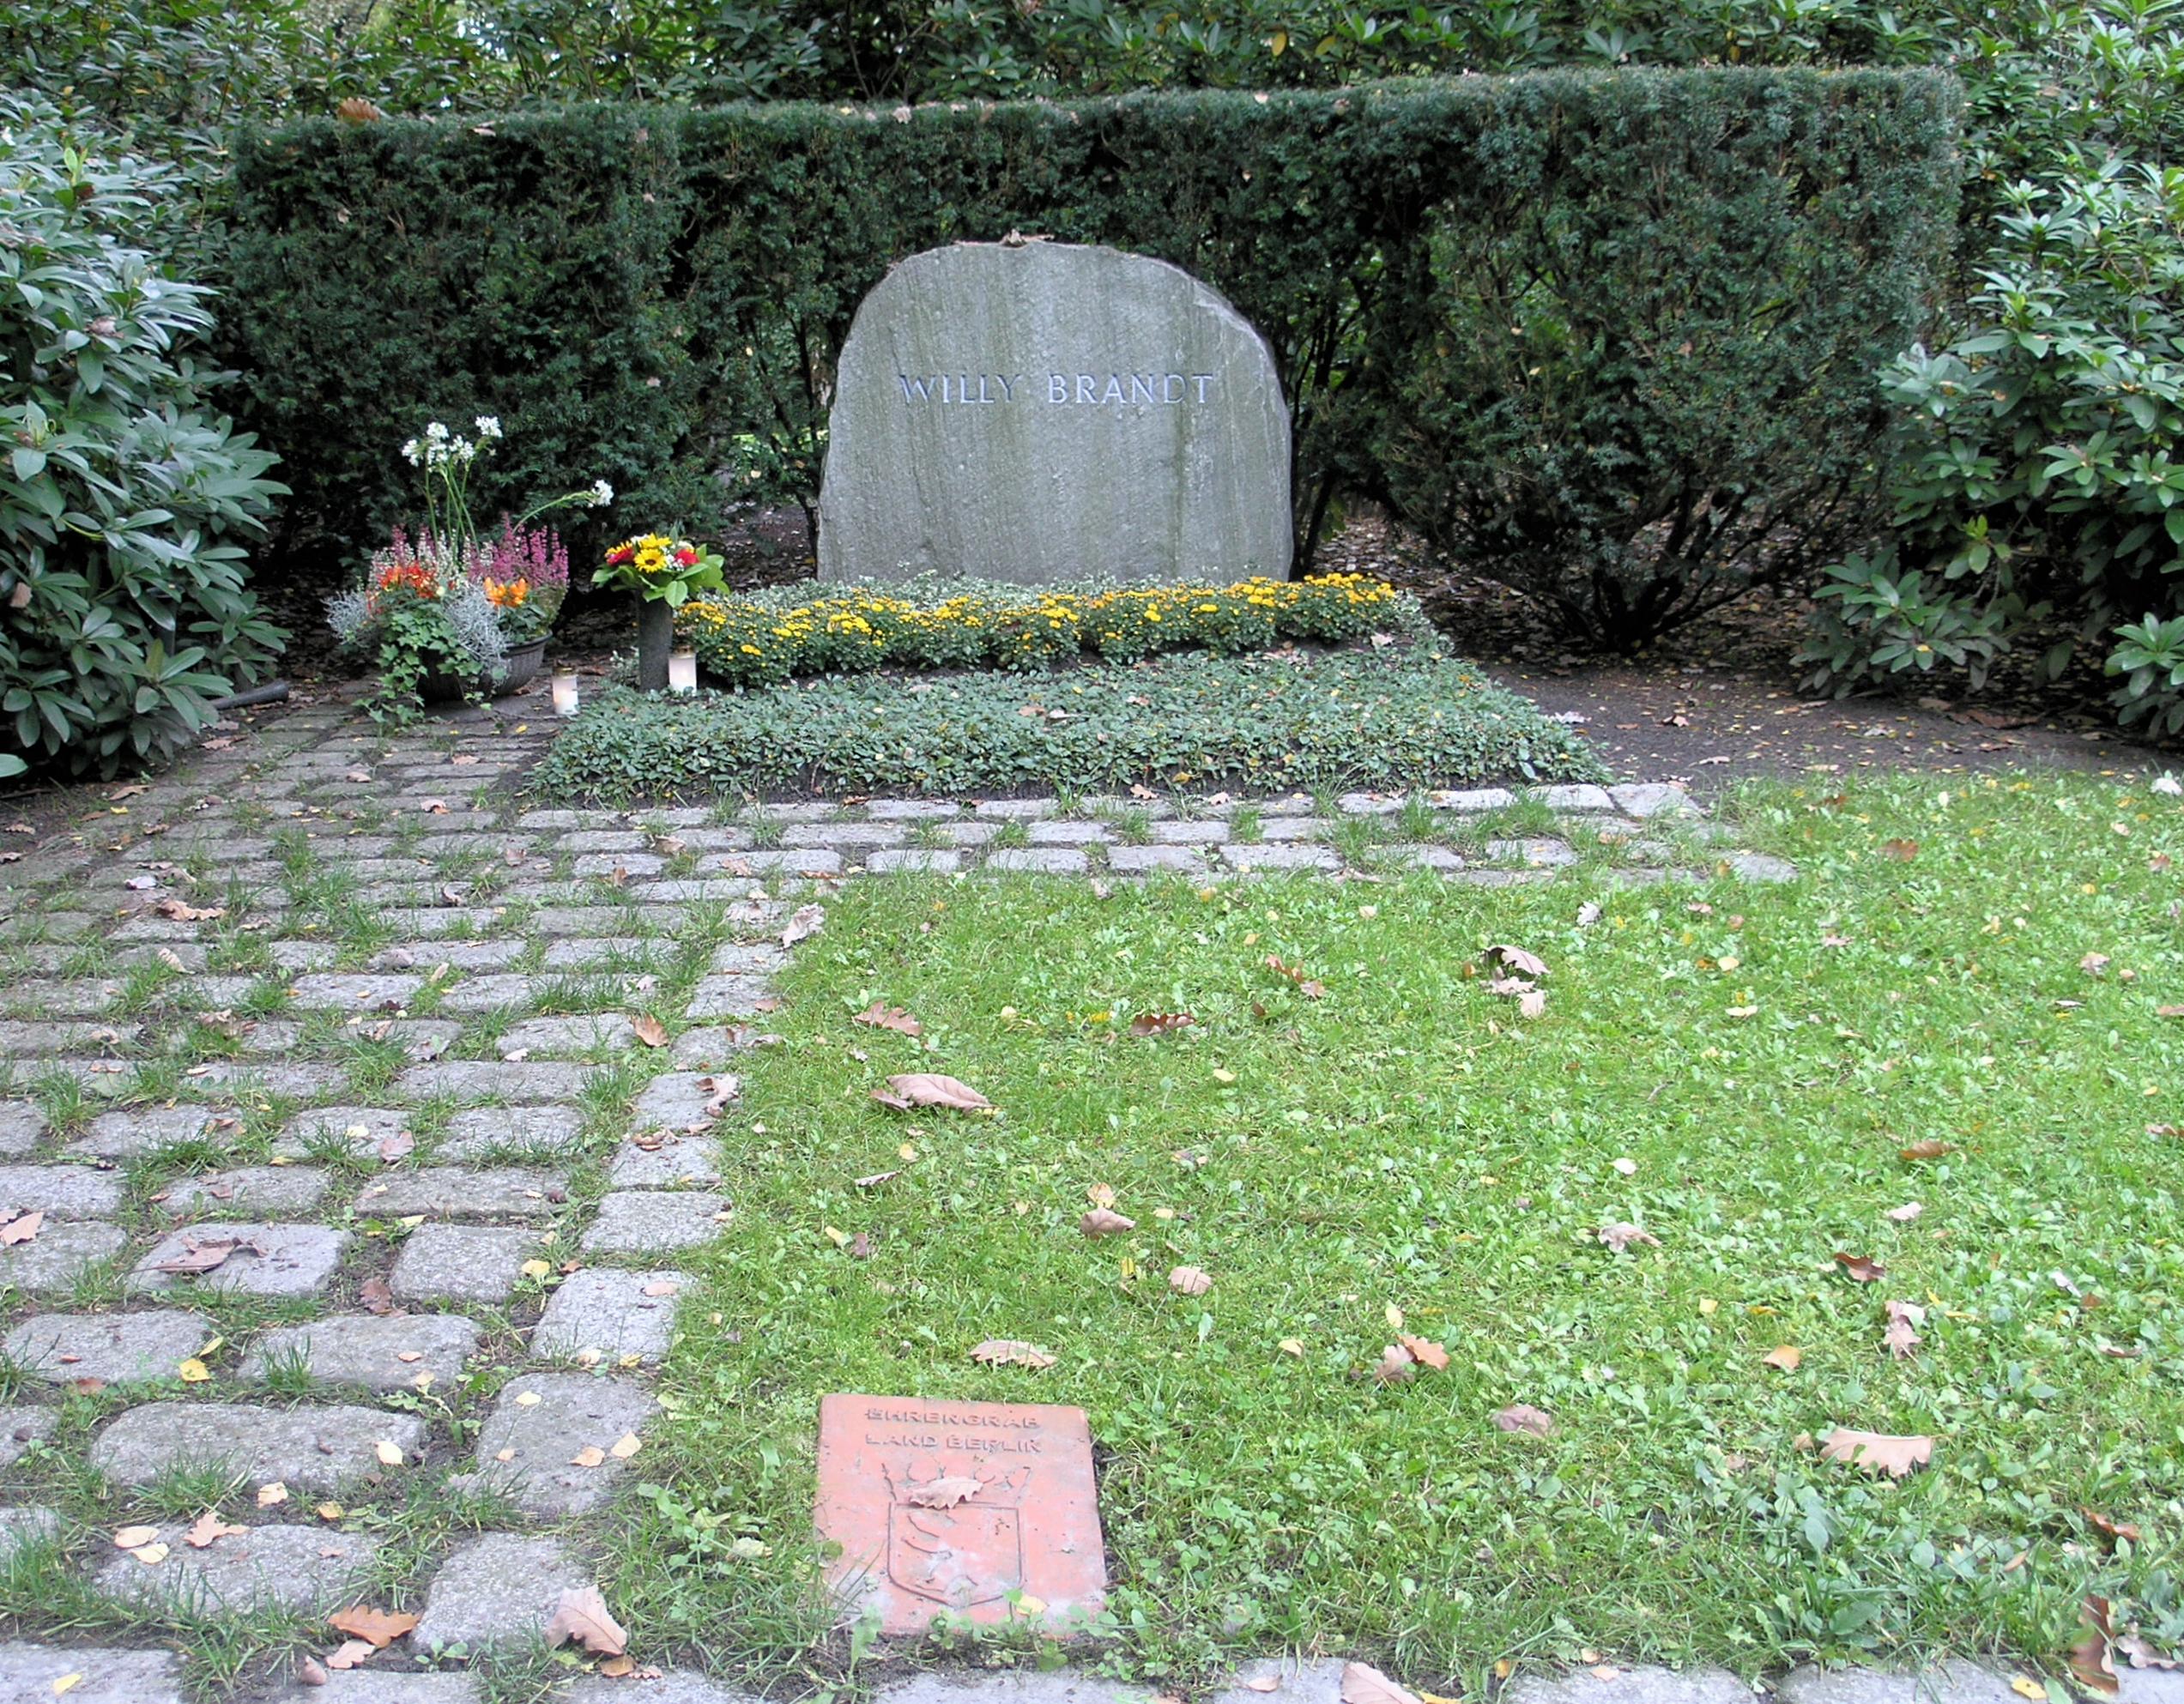 ehrengrab willy brandts auf dem waldfriedhof zehlendorf - Willy Brandt Lebenslauf